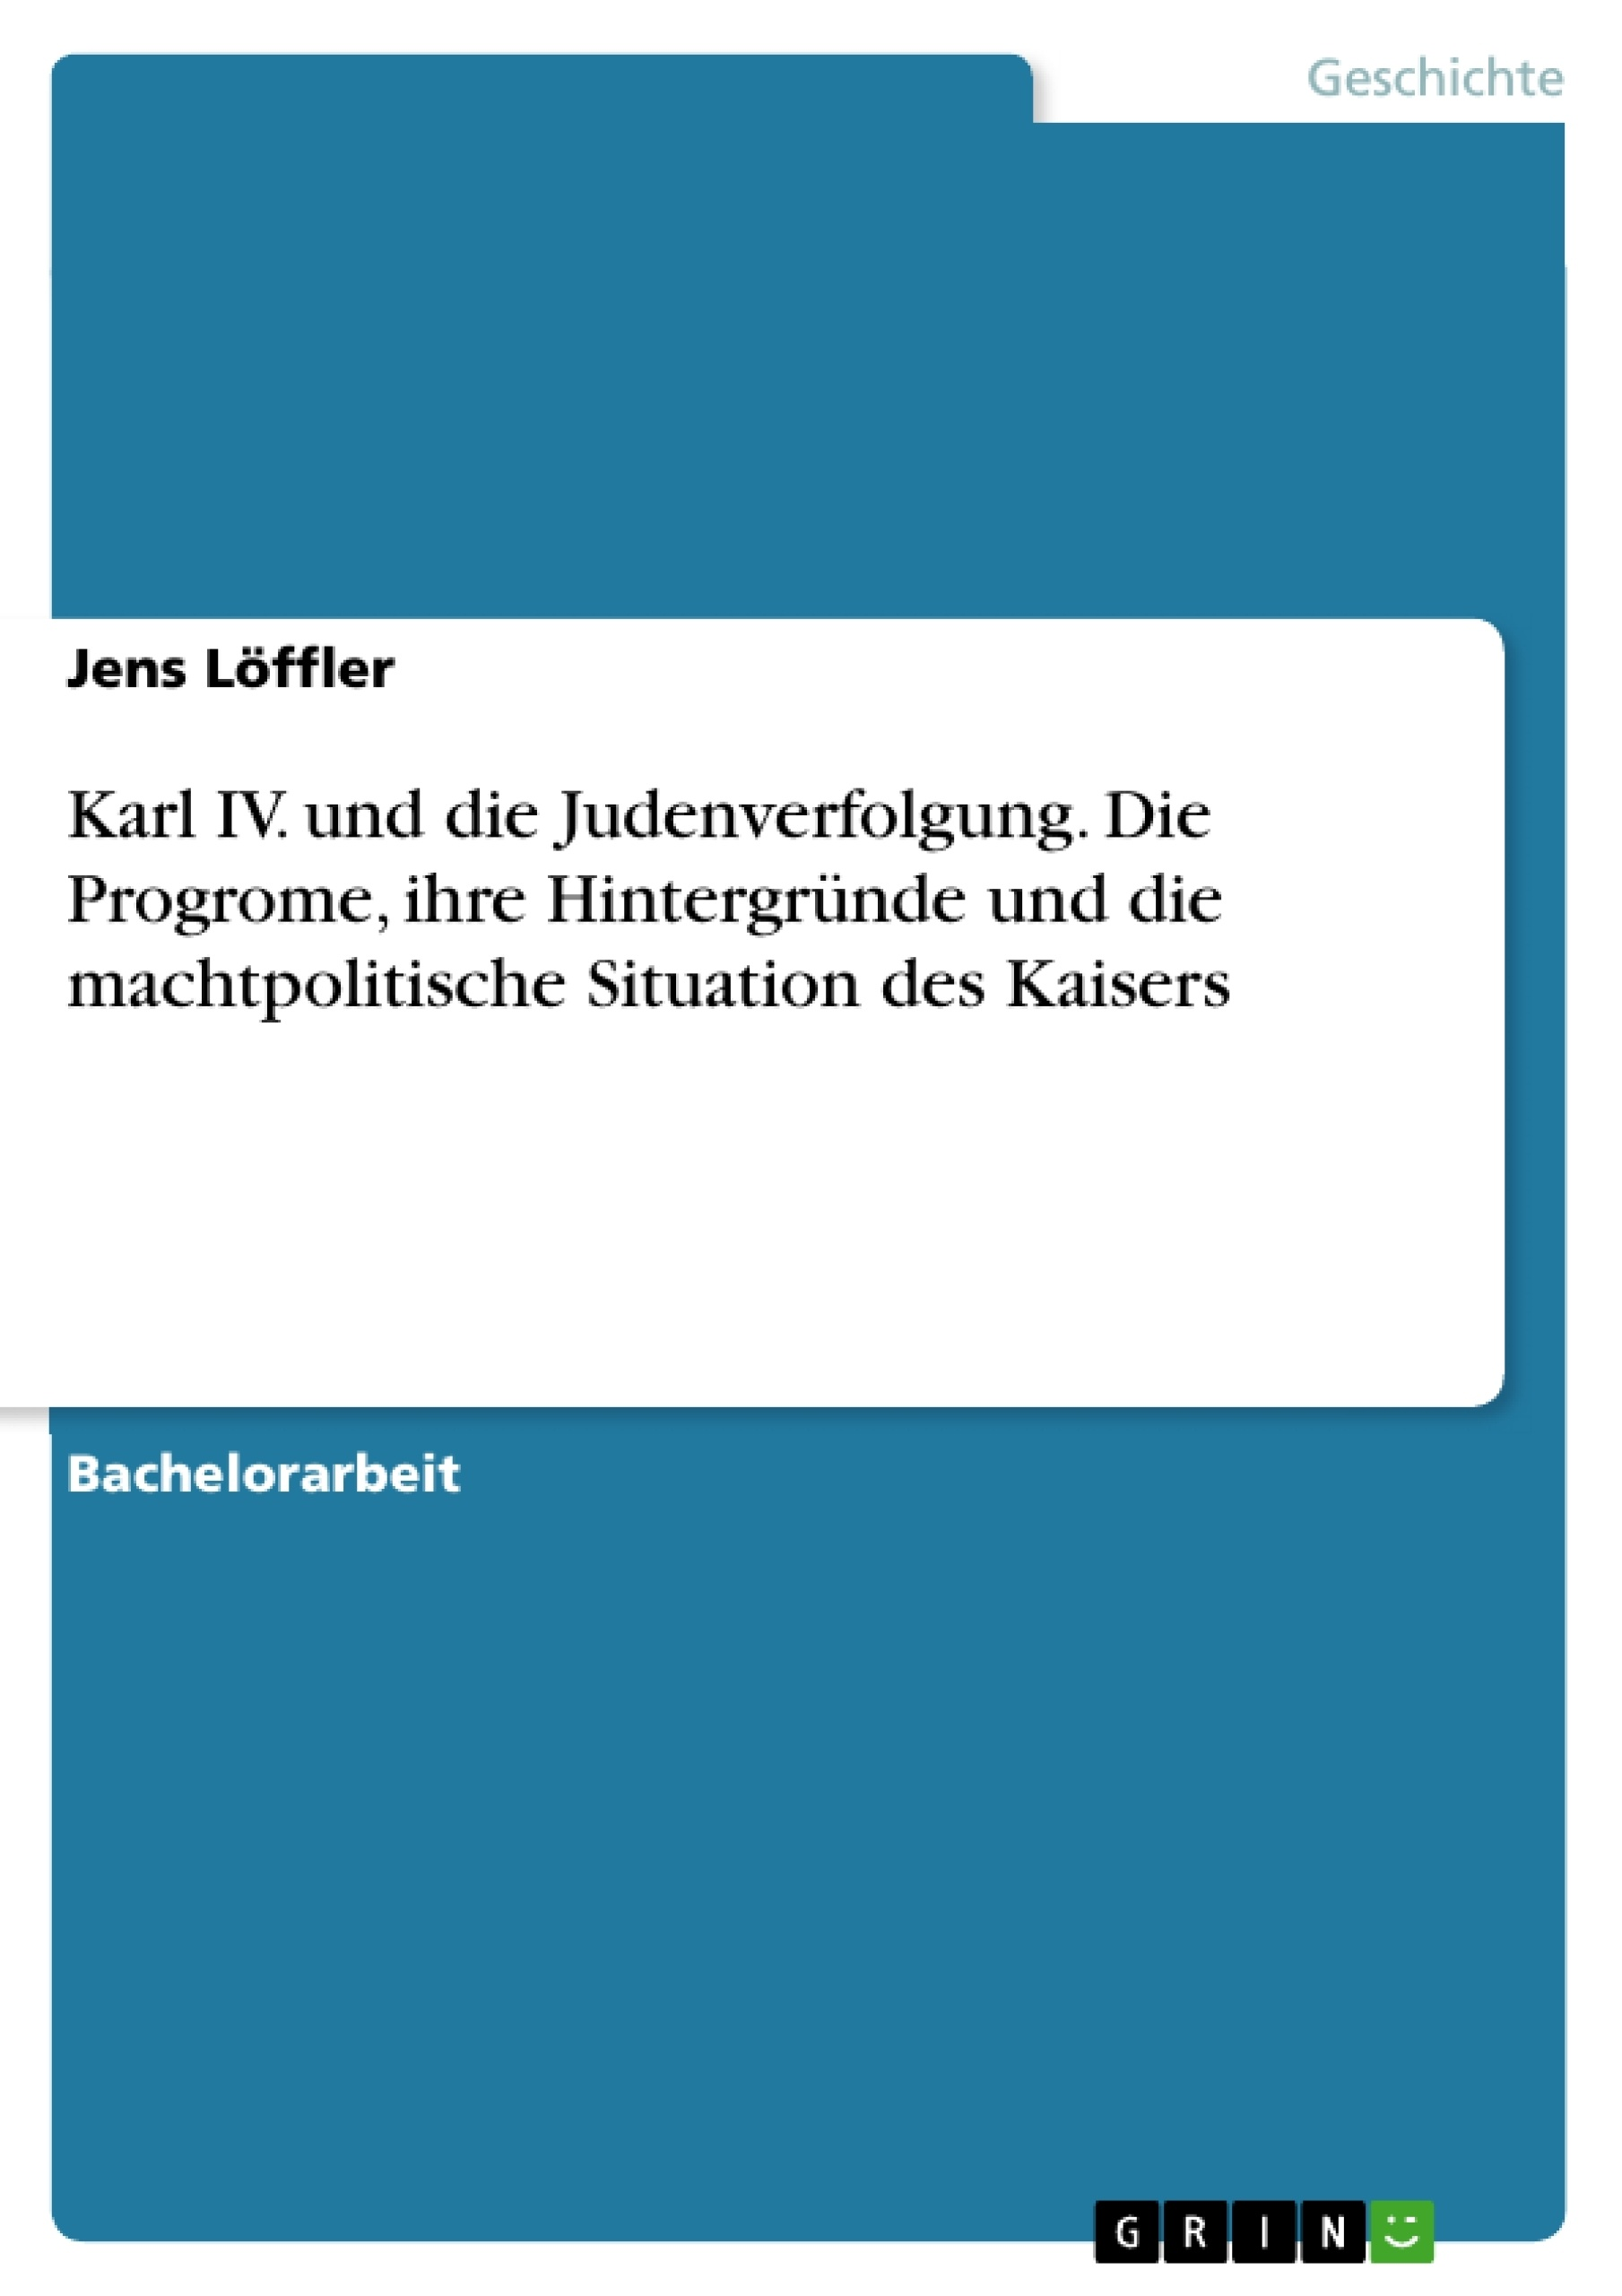 Titel: Karl IV. und die Judenverfolgung. Die Progrome, ihre Hintergründe und die machtpolitische Situation des Kaisers